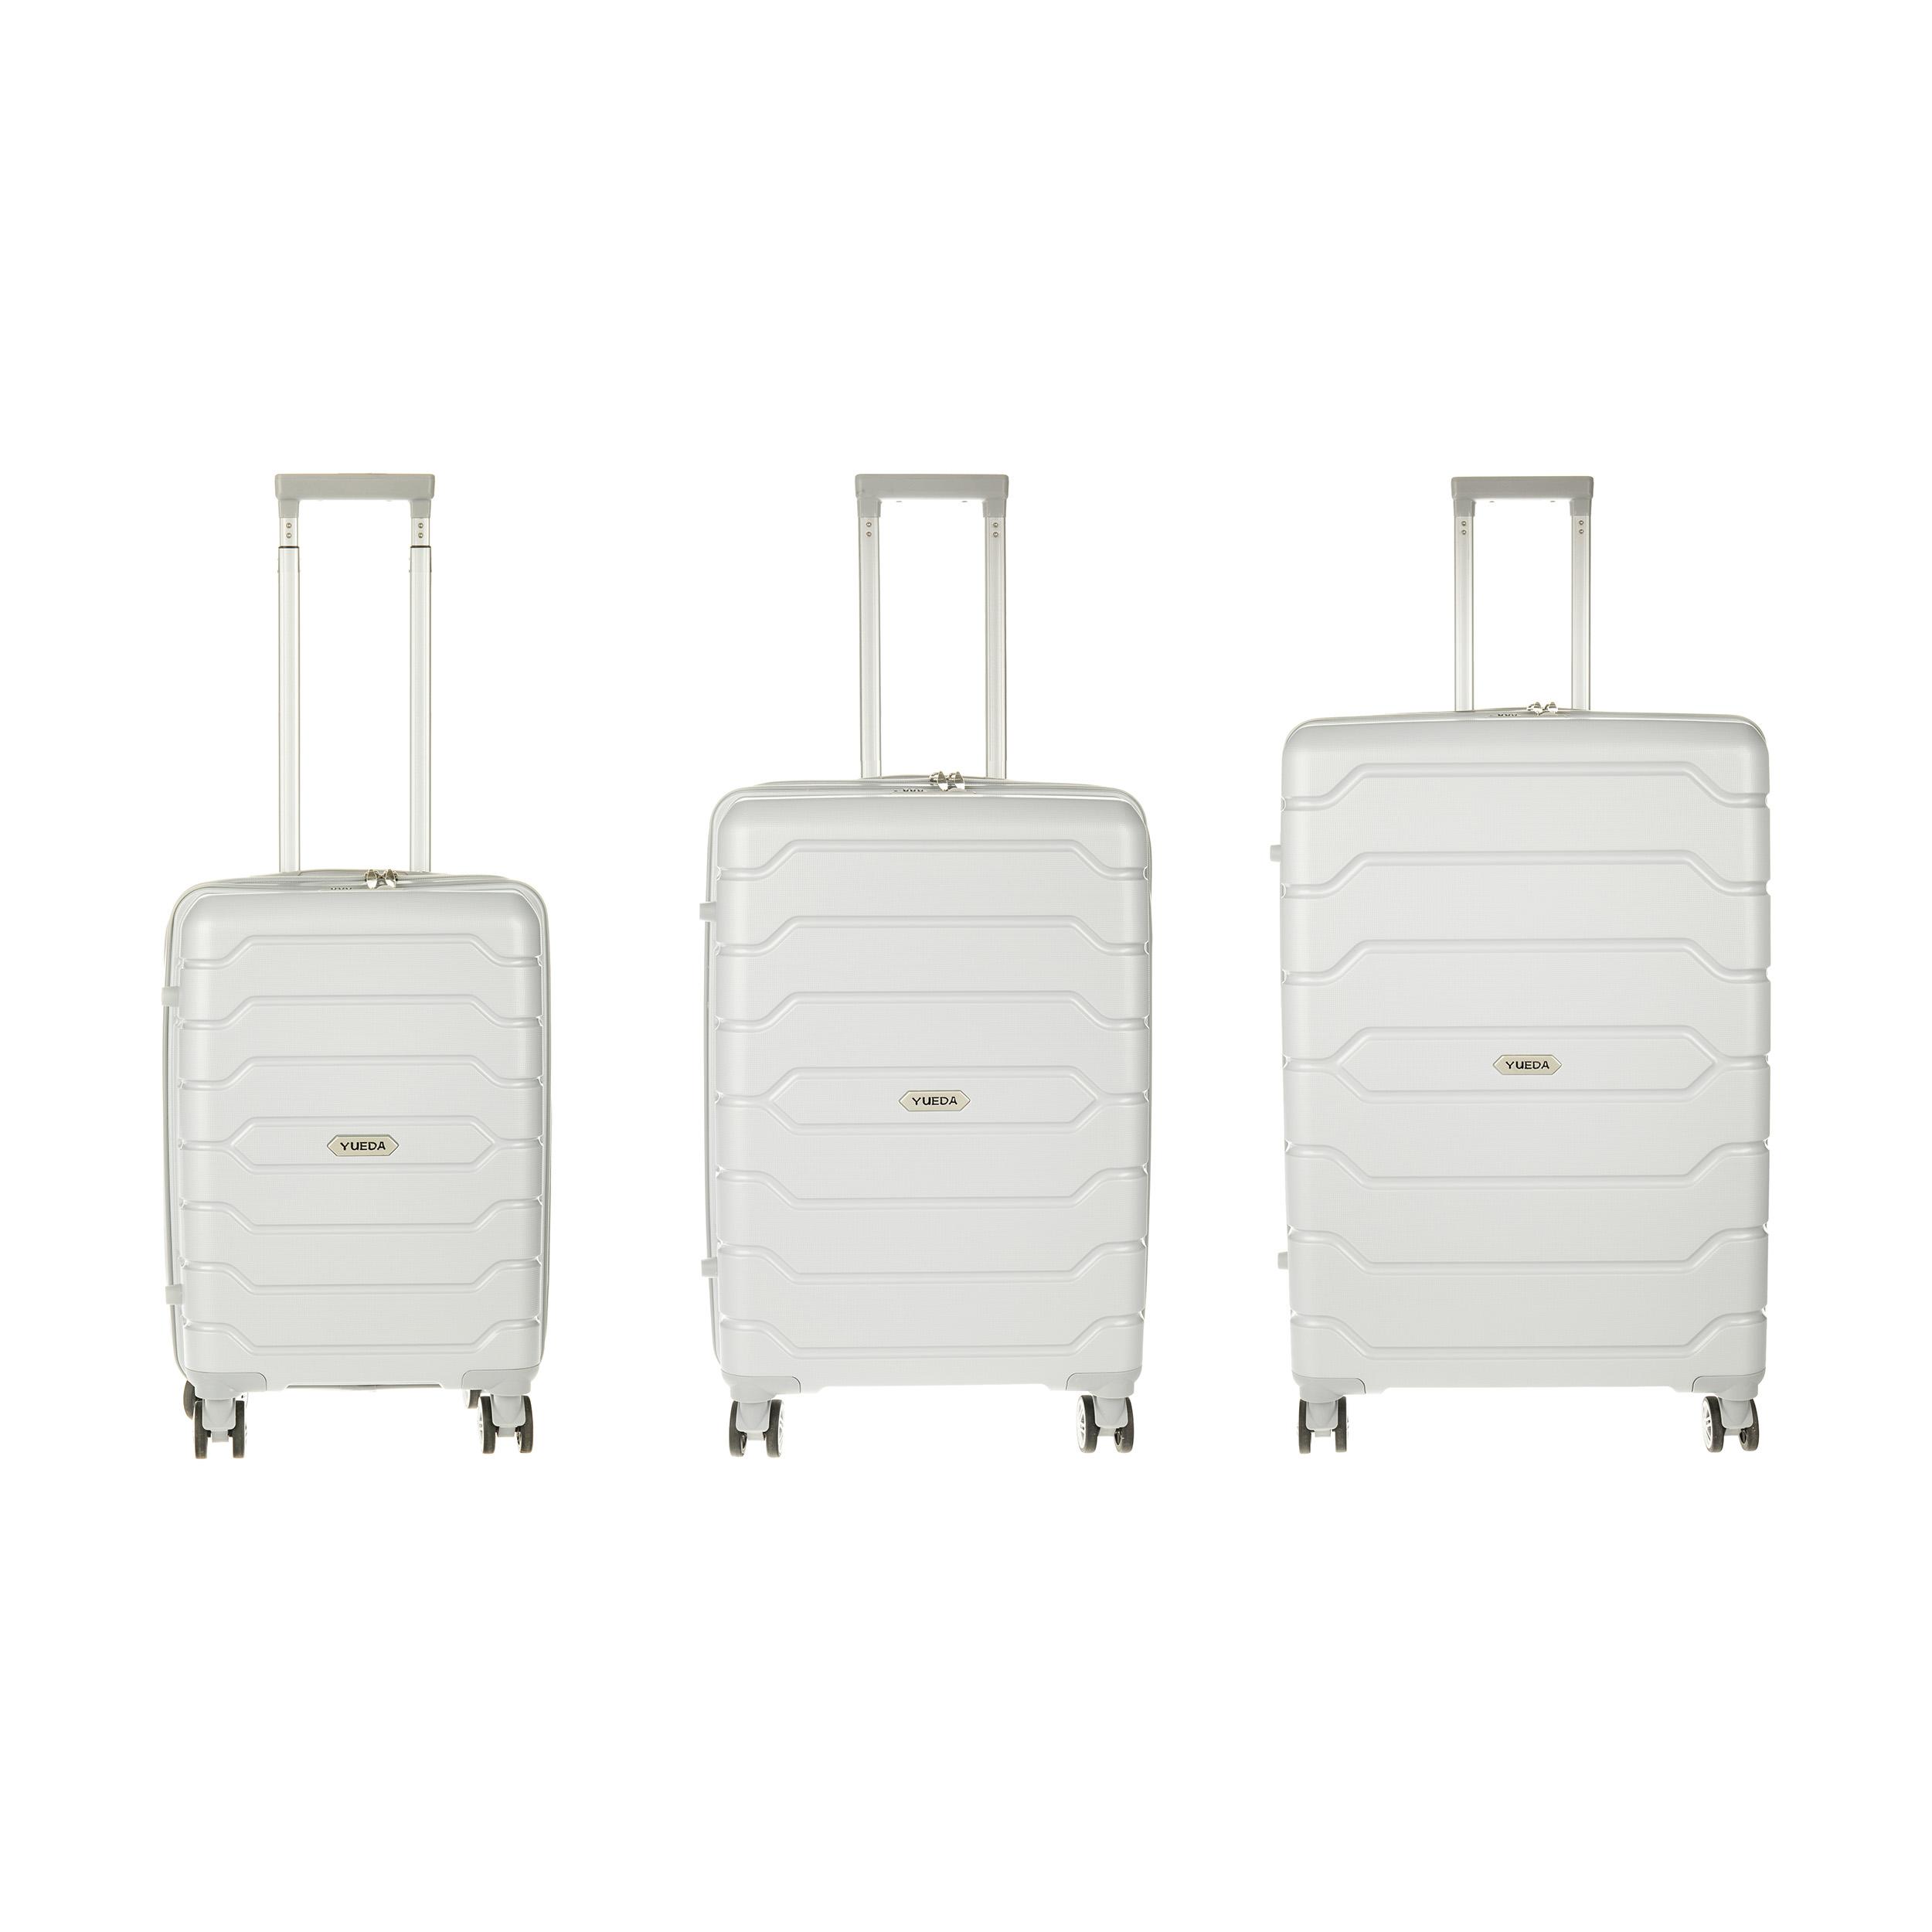 چمدان یوئدا کد 002 مجموعه 3 عددی